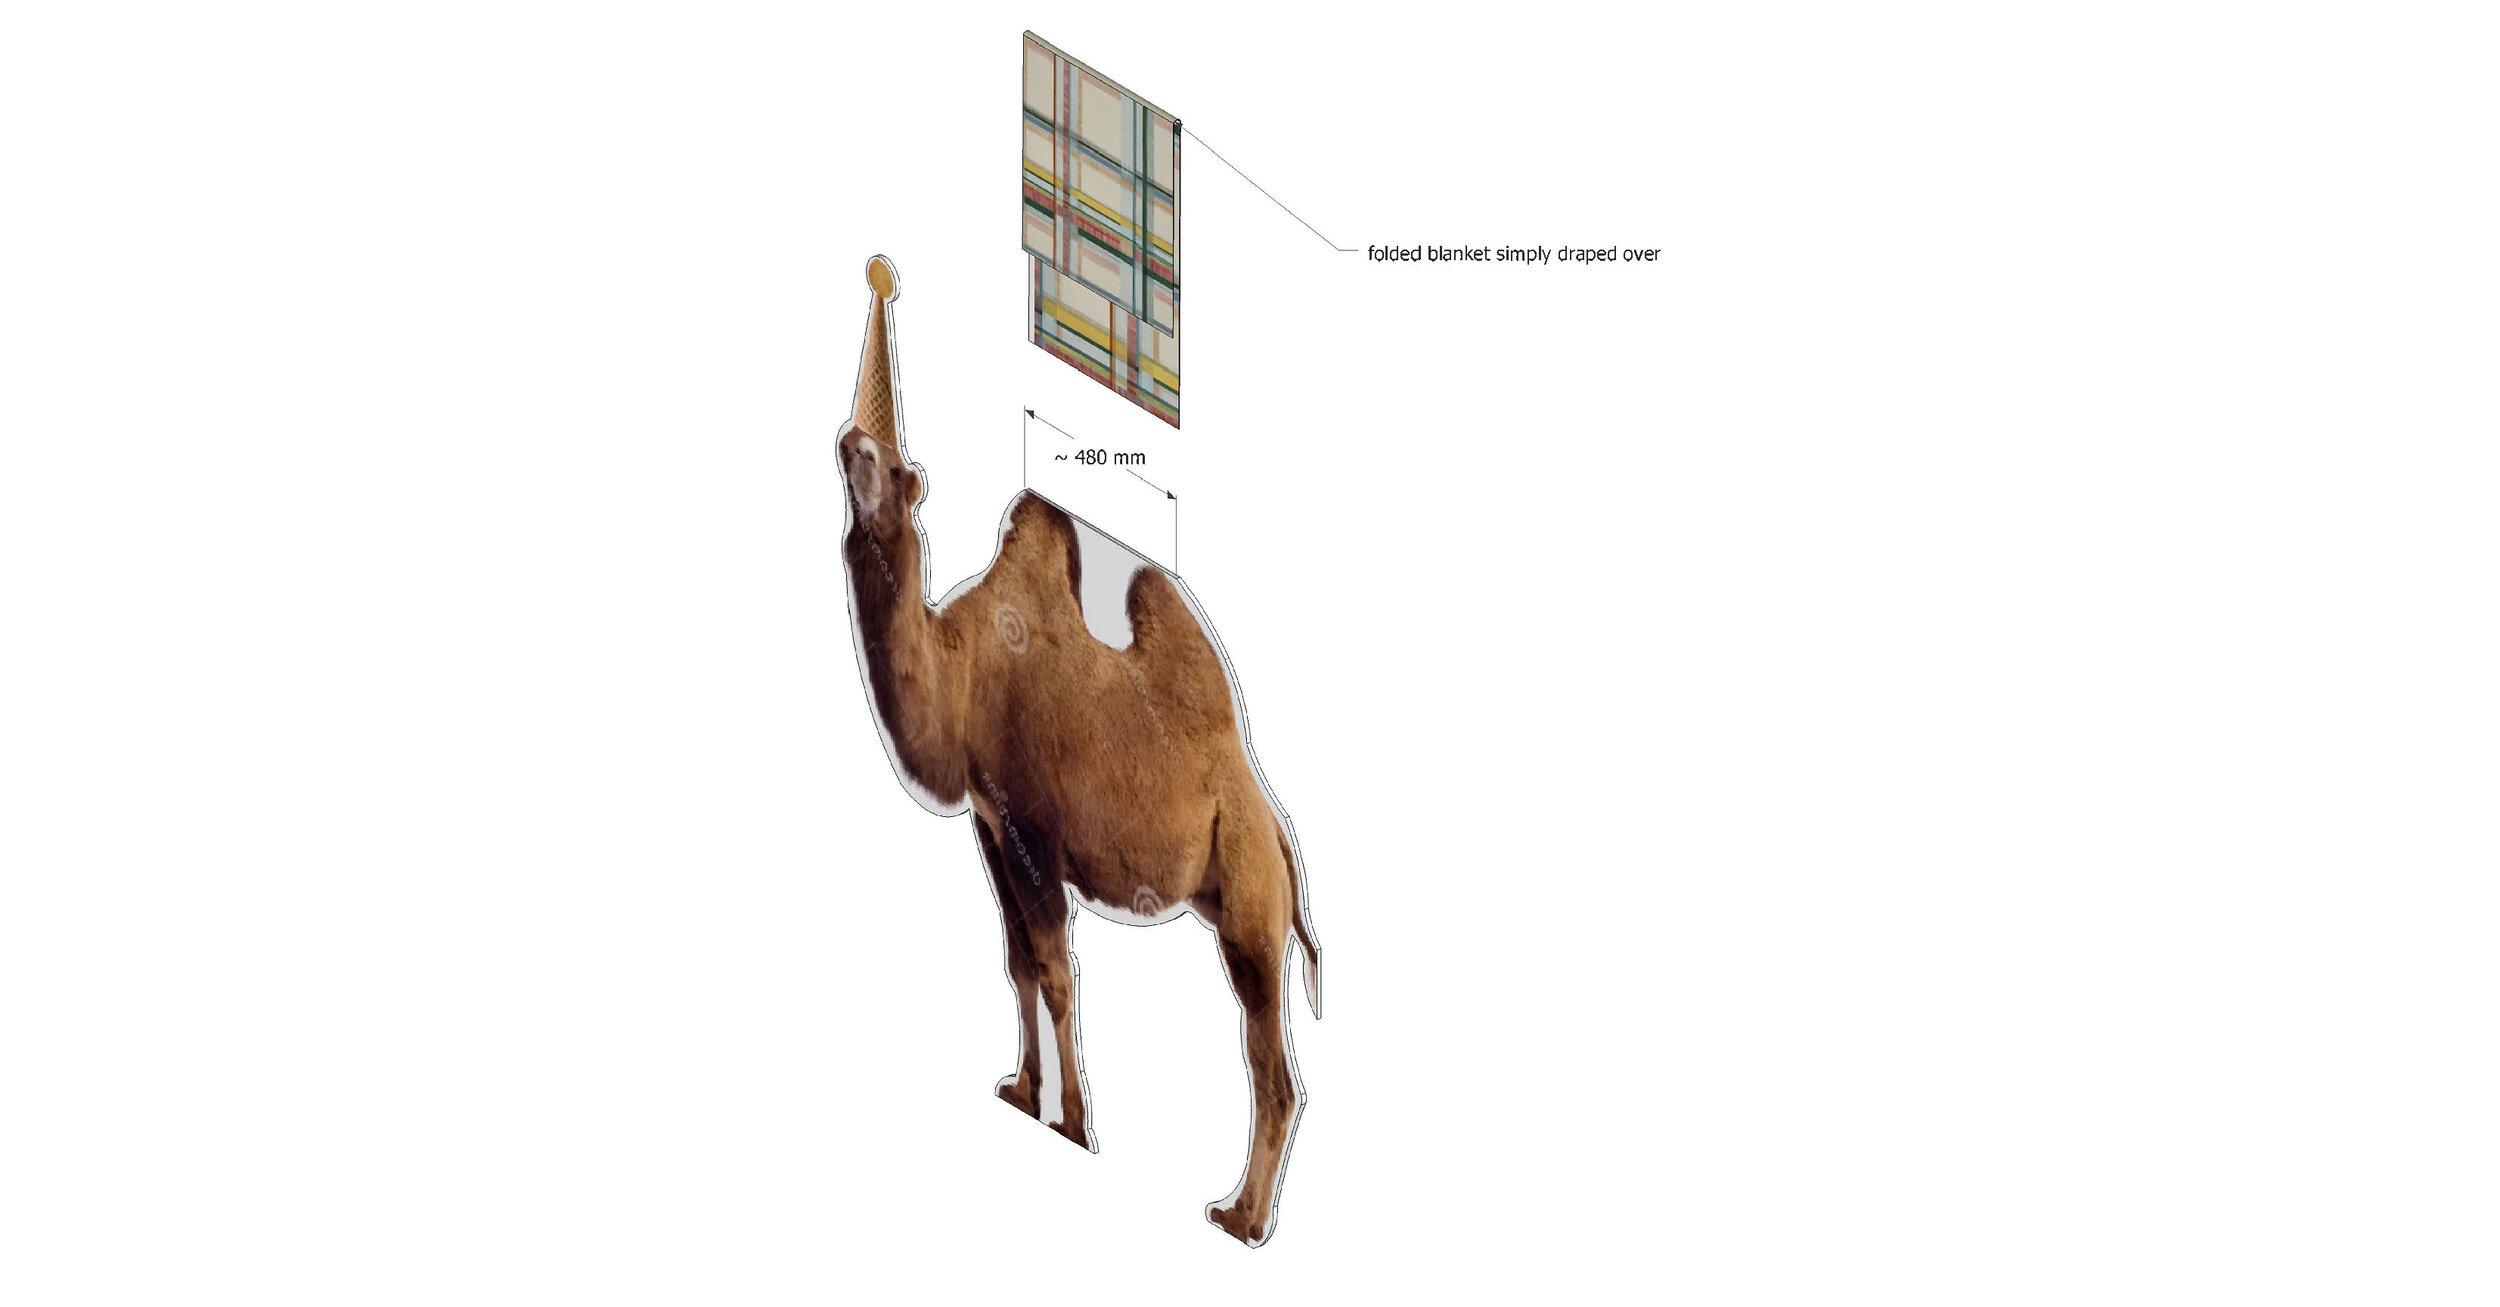 Hermès_Dimensions_Window 2_Revised_Page_4.jpg